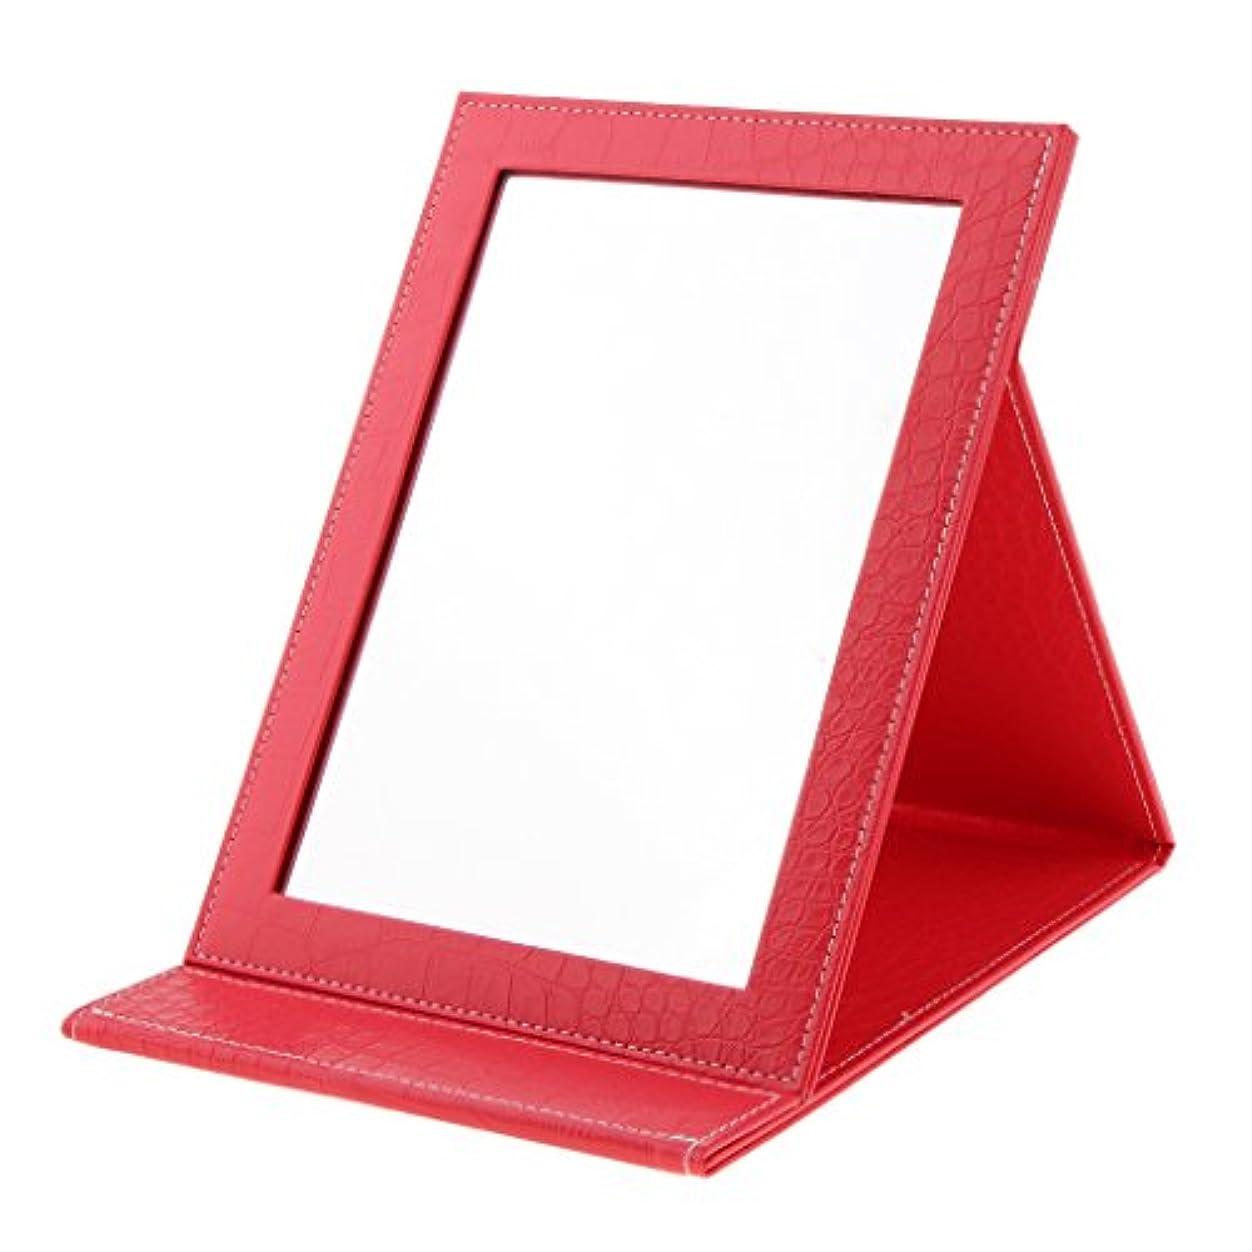 宙返りテンション課す化粧鏡 鏡 メイクアップミラー 折りたたみ式 PUレザー ポータブル 旅行 日常用 3色選べる - 赤